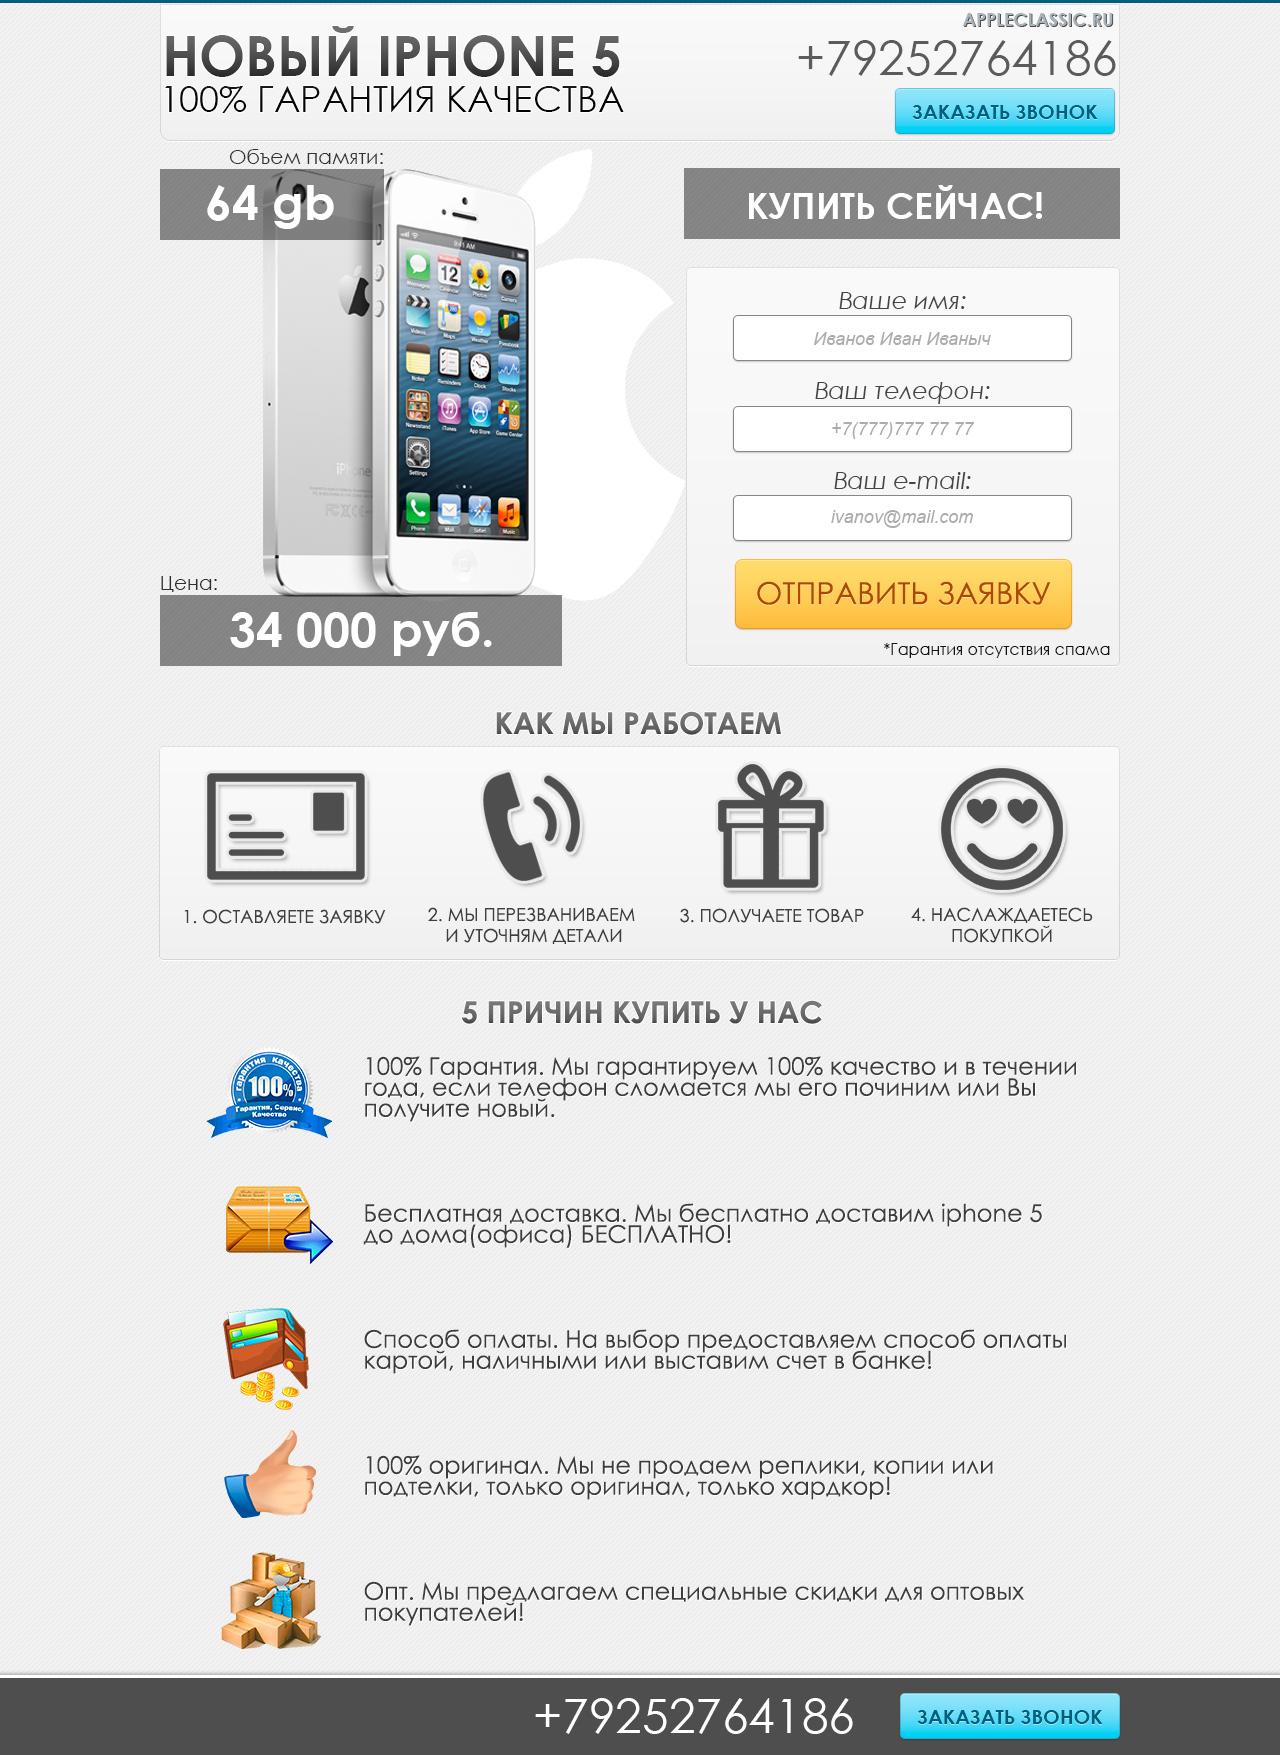 LP Iphone5